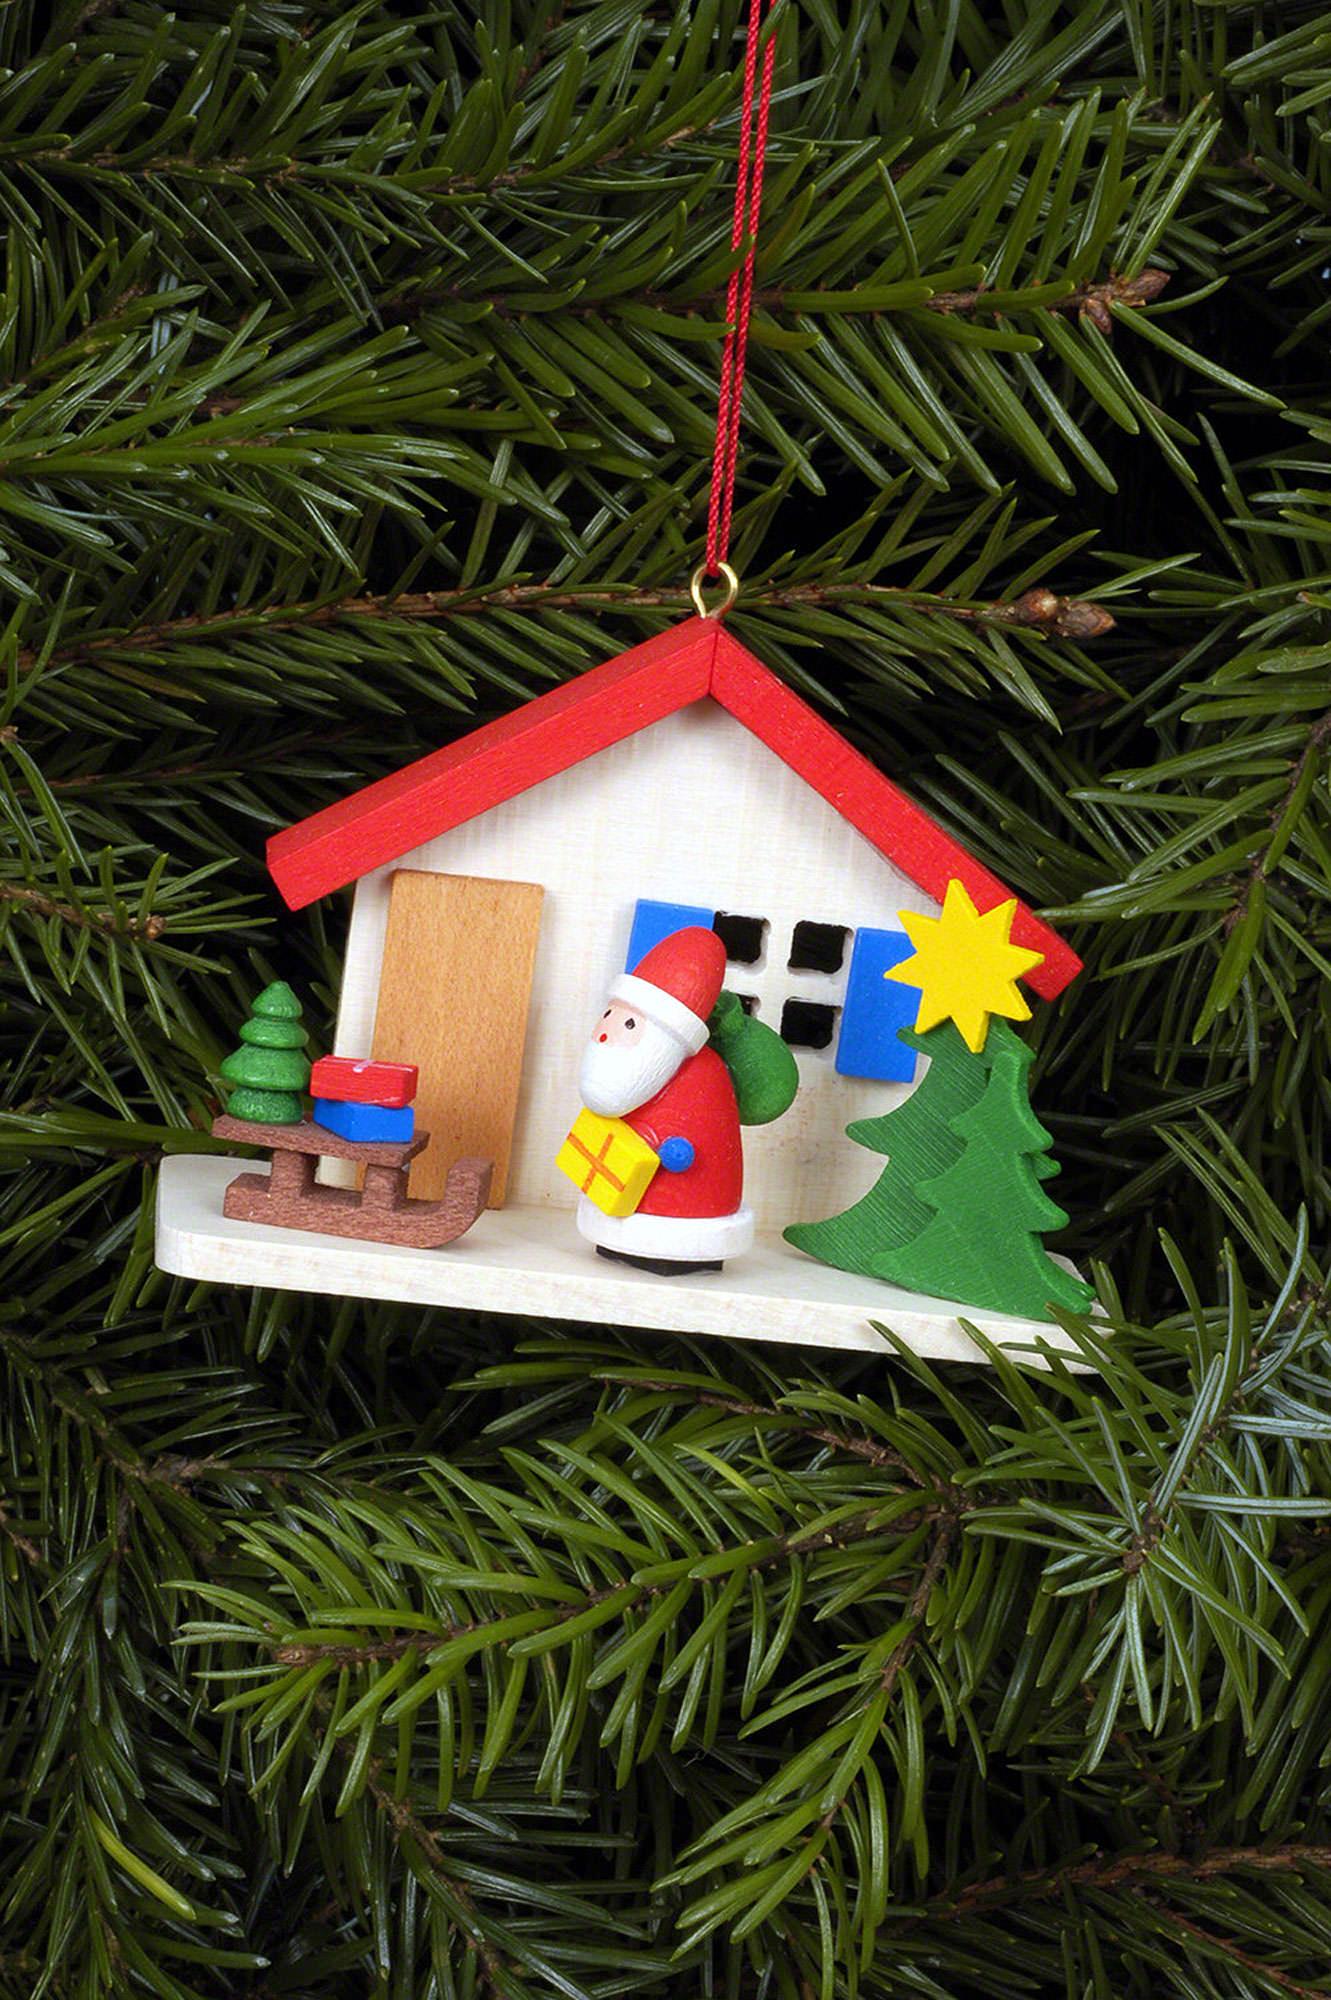 christbaumschmuck weihnachtsmann am haus 7×5 cm von